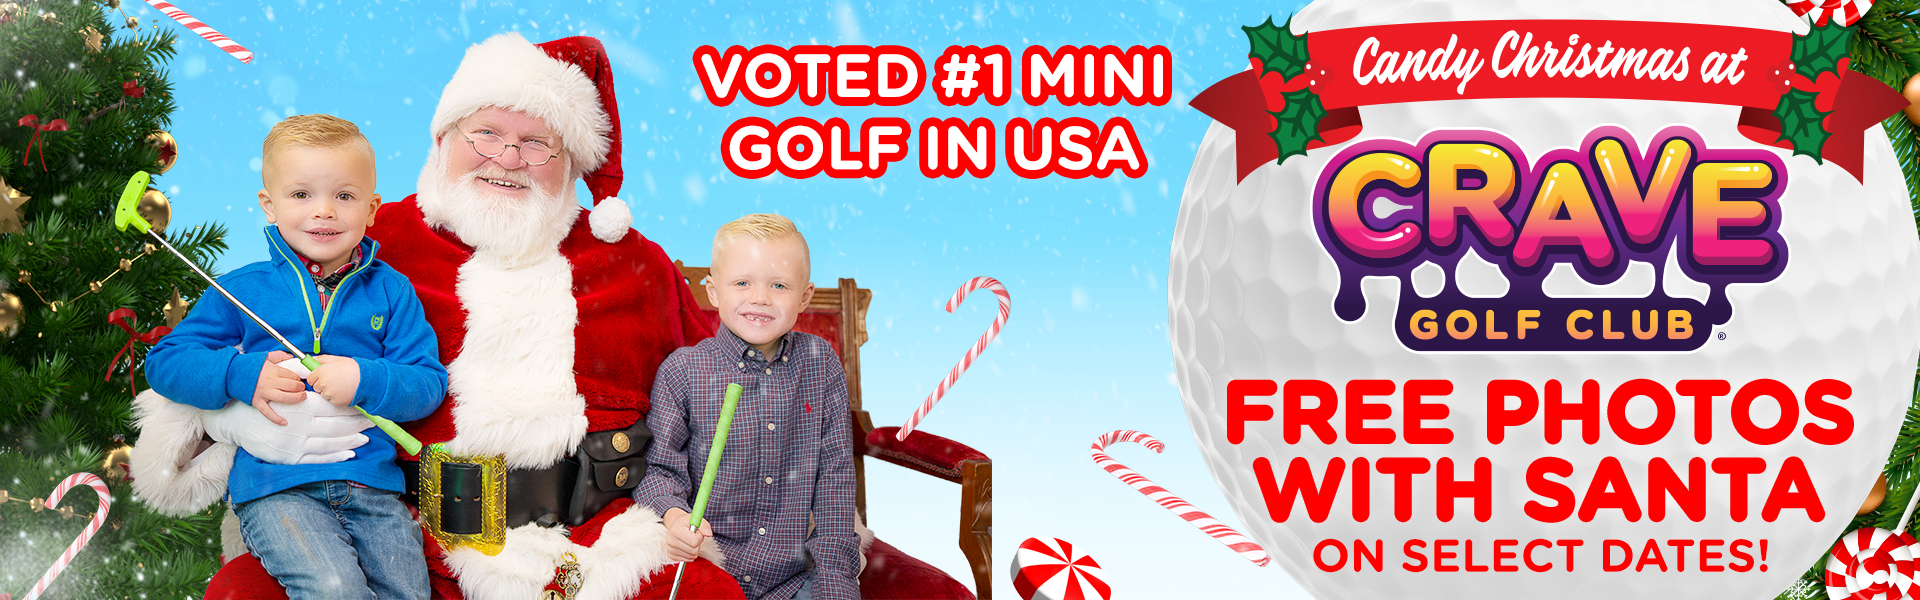 Ad - Visit Crave Golf Club Website